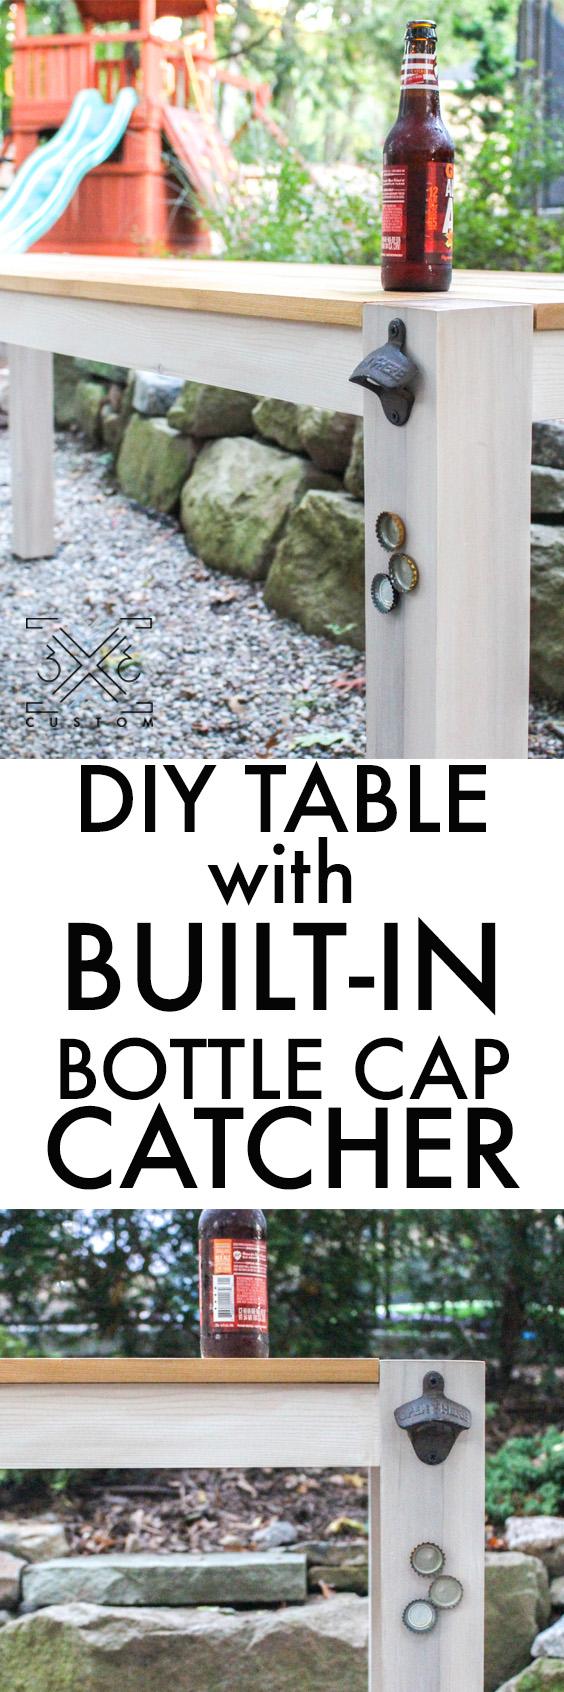 3x3 Custom Outdoor Table with Built-In Bottle Cap Catcher